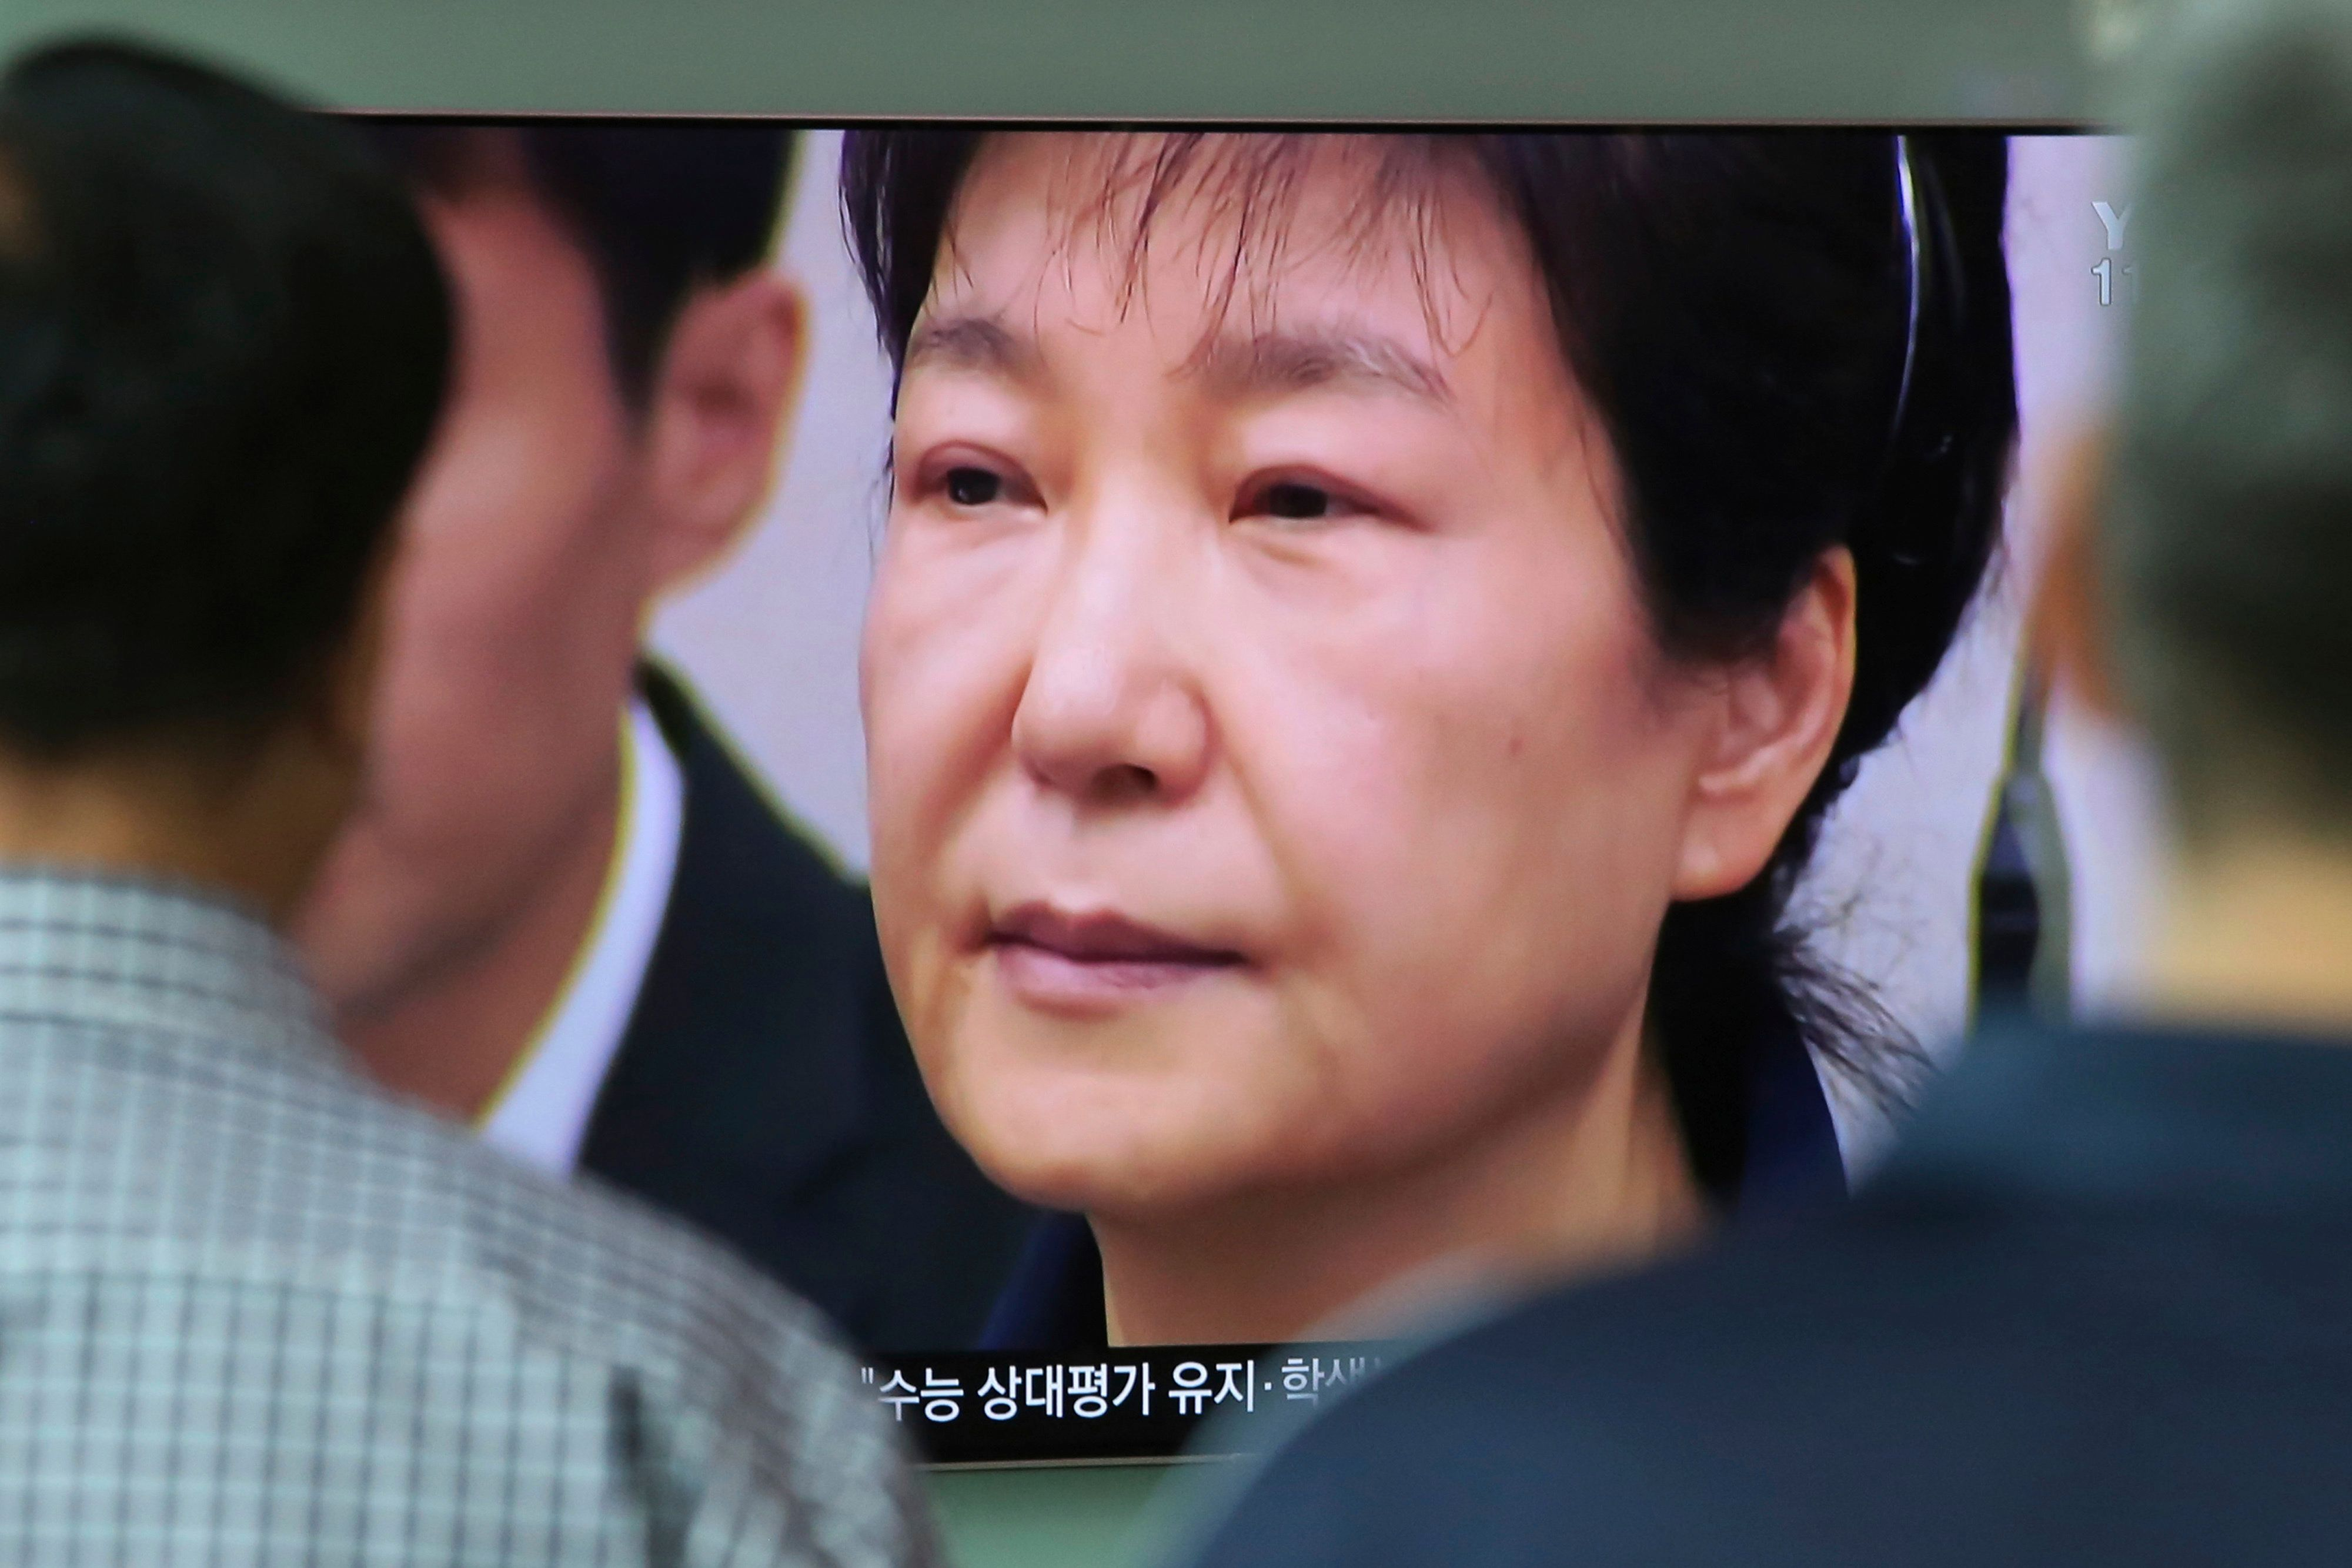 김학의 의혹에 박근혜가 '무고'라 말했다는 진술이